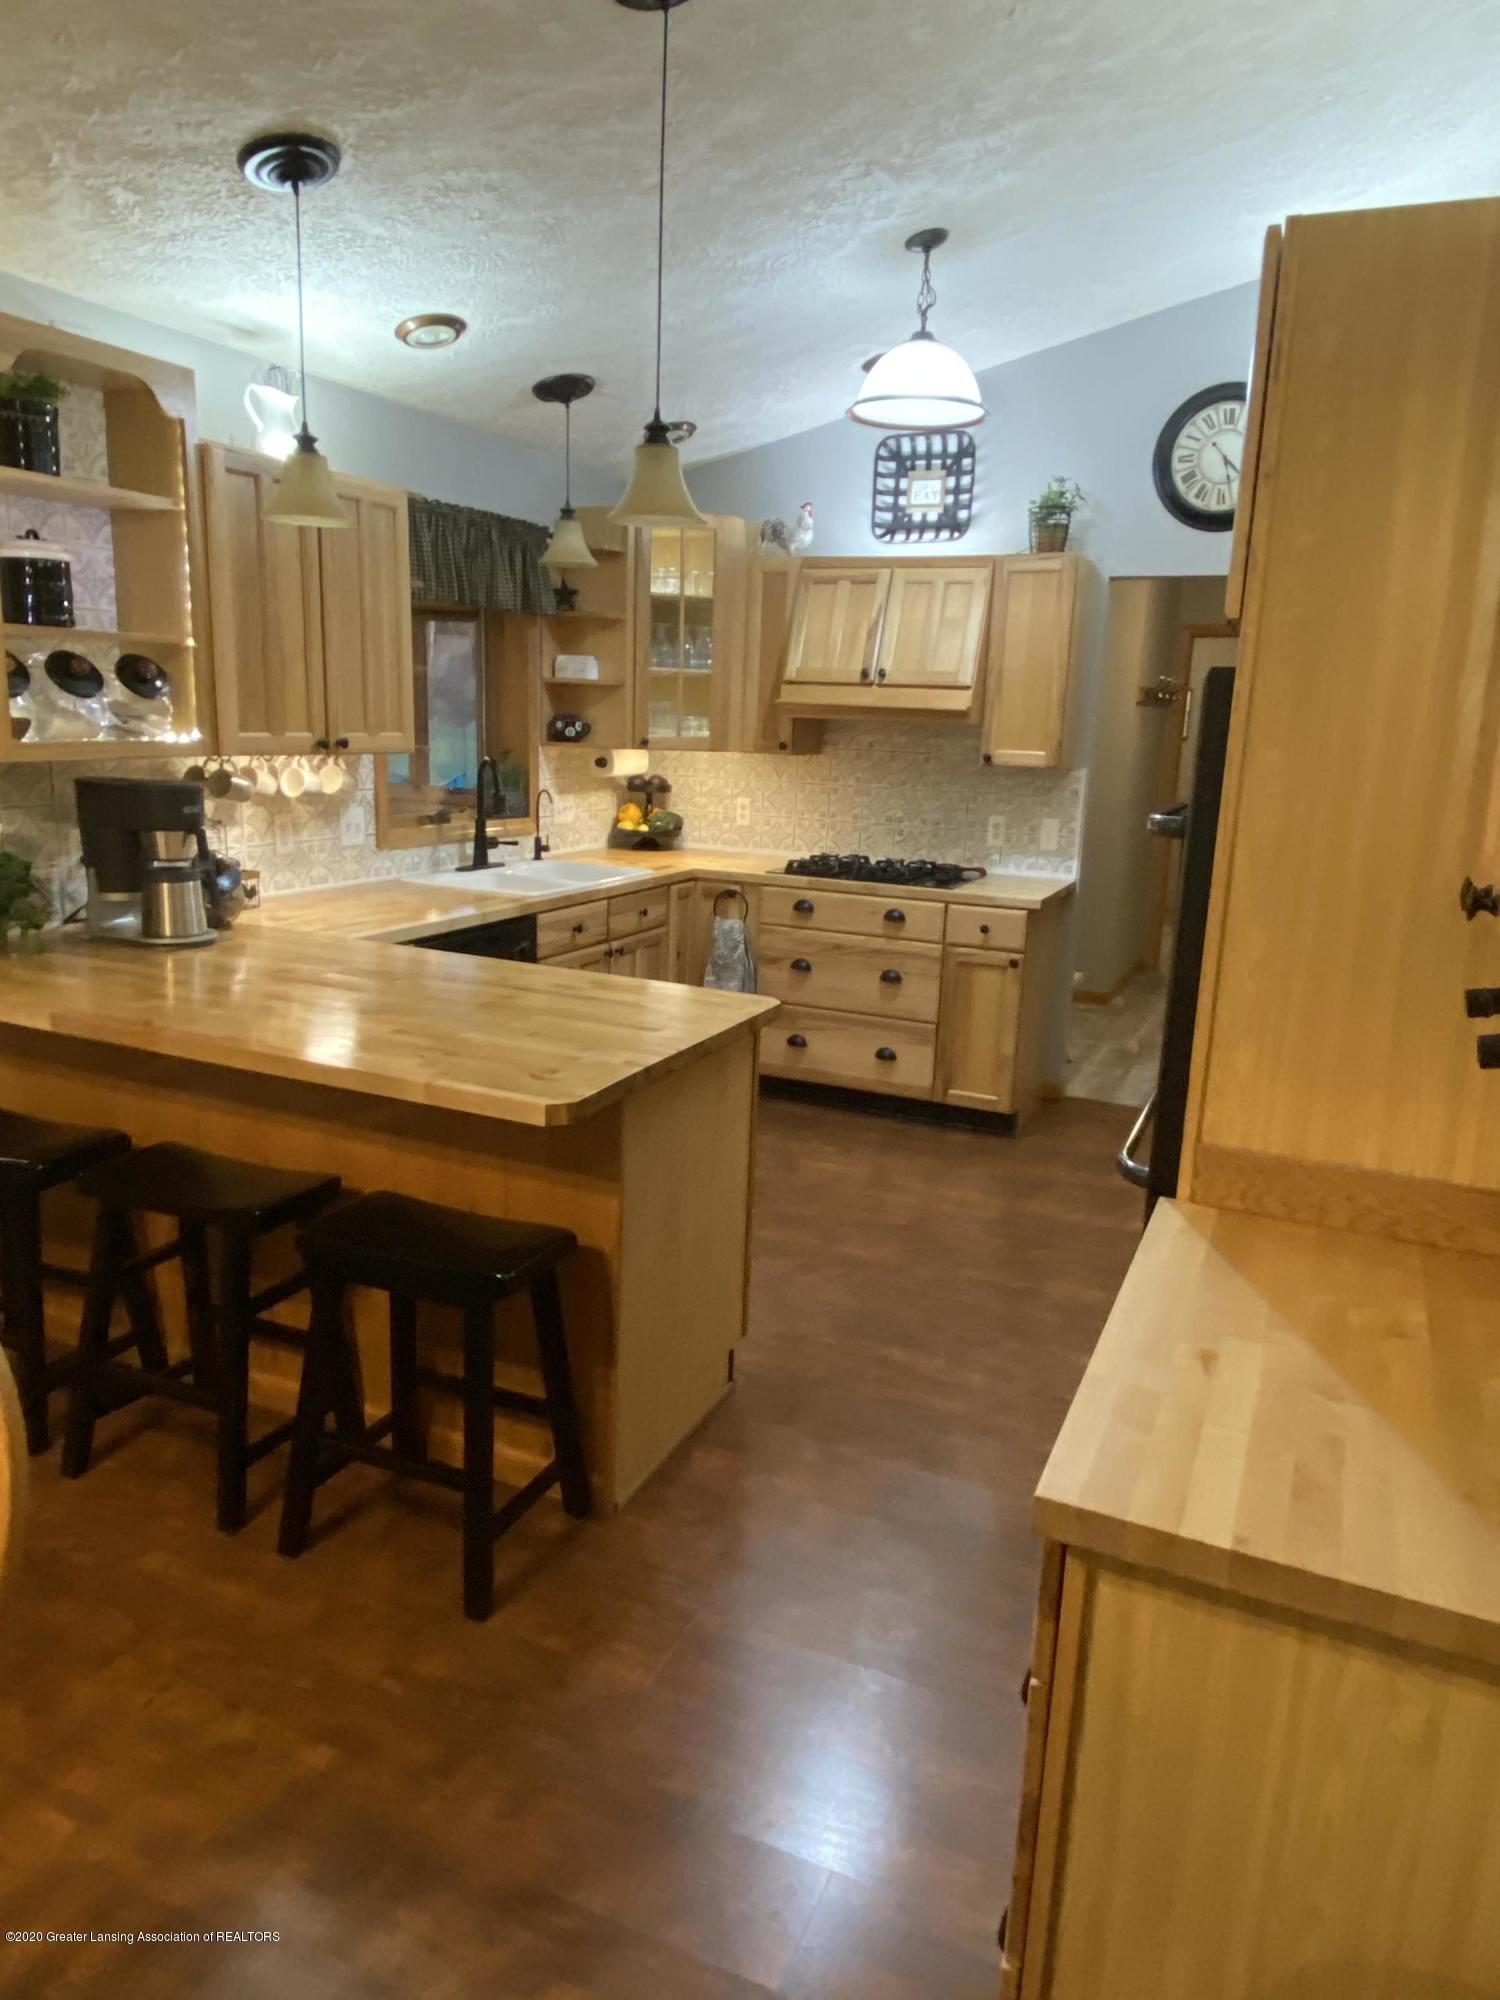 1777 E Chadwick Rd - 1777 E Chadwick Kitchen 1 - 11